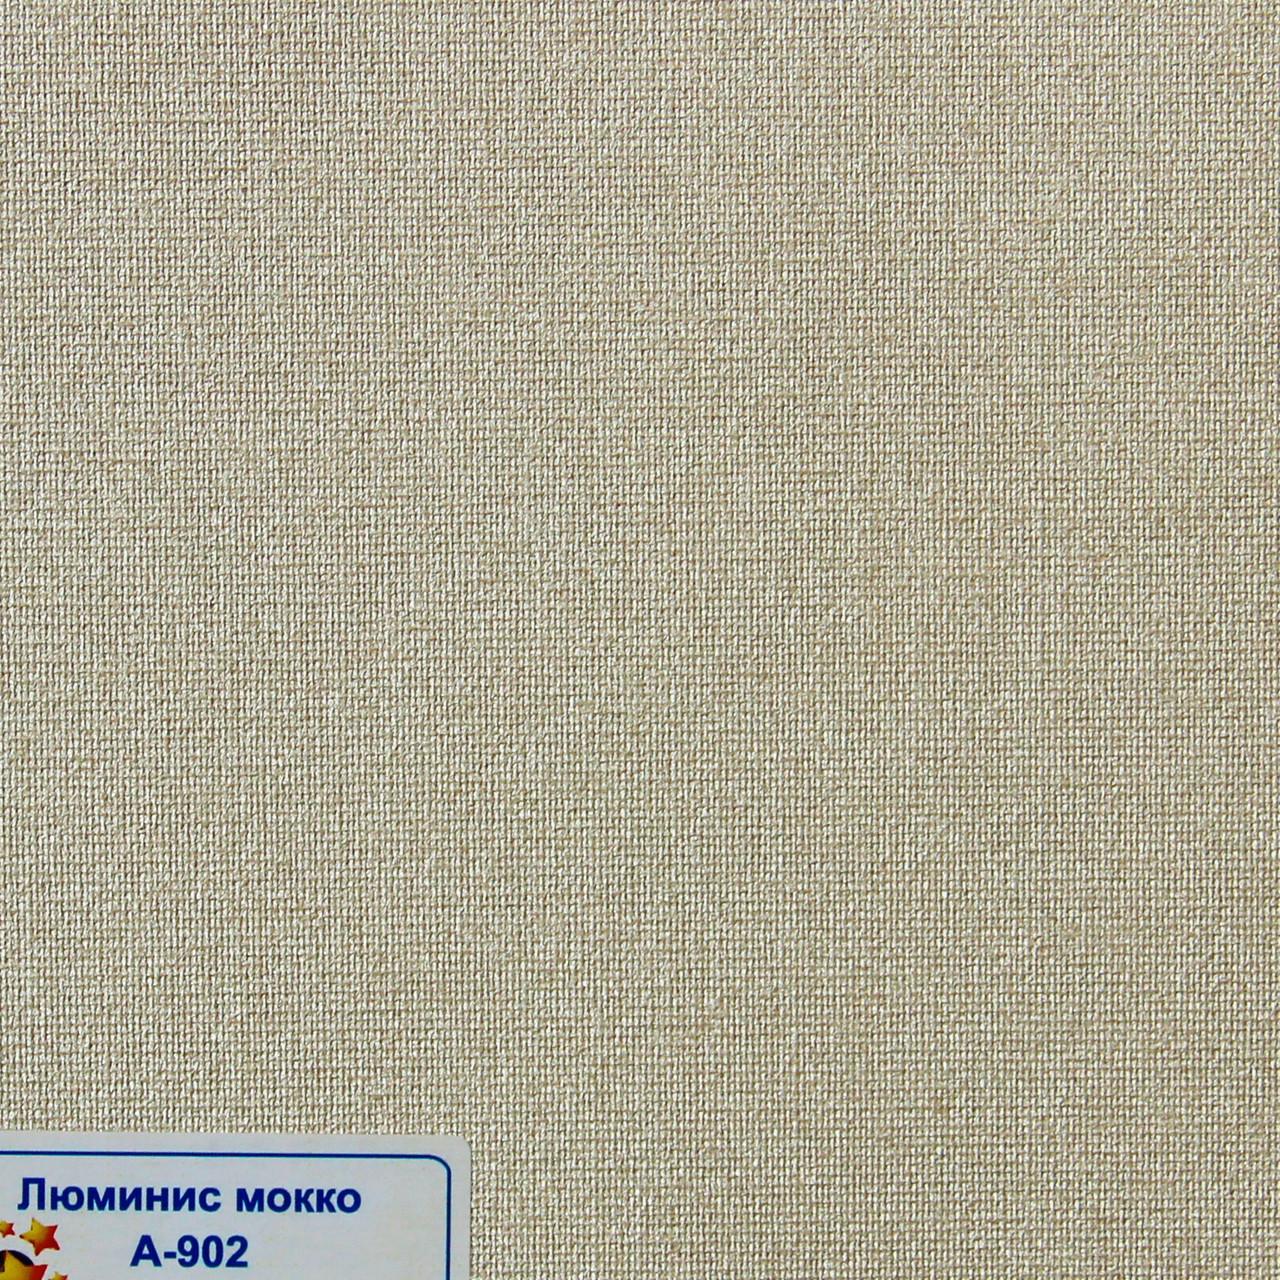 Рулонні штори Одеса Тканина Люмінис Мокко А-902